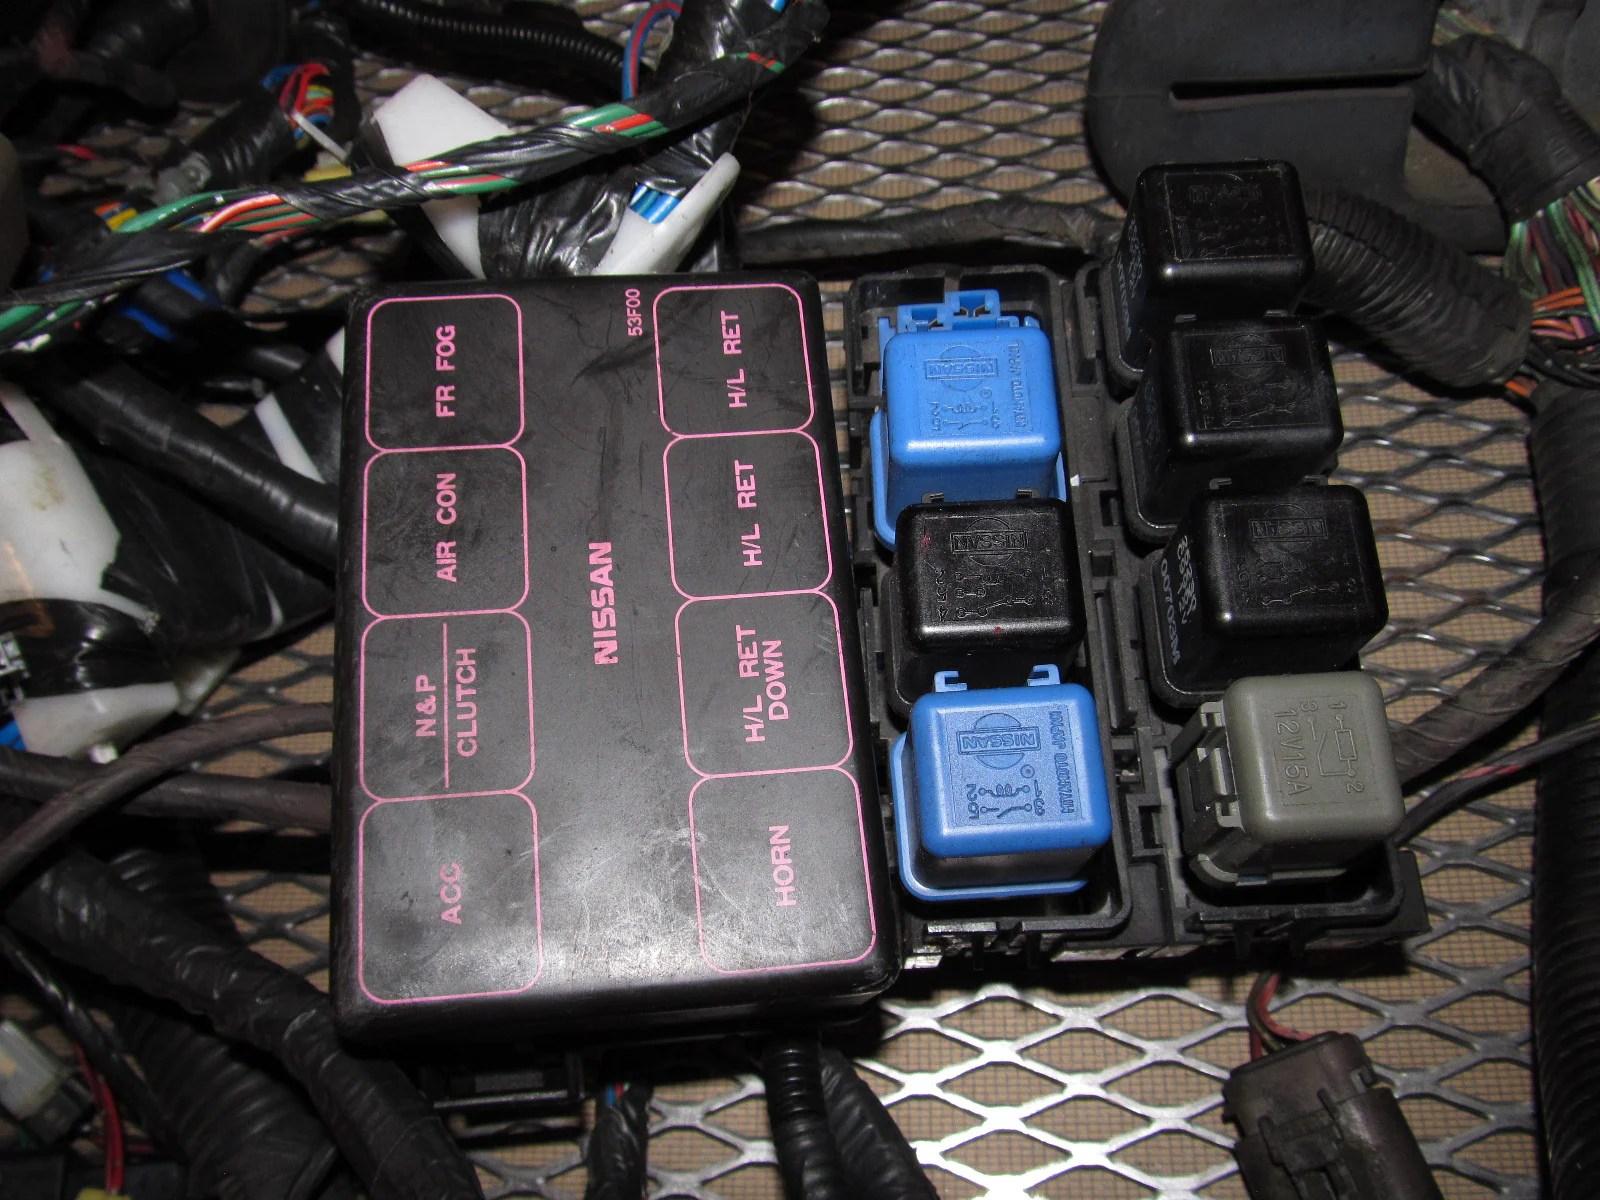 s13 fuse box wiring diagram technic s13 240sx fuse box relocation s13 240sx fuse box [ 1600 x 1200 Pixel ]